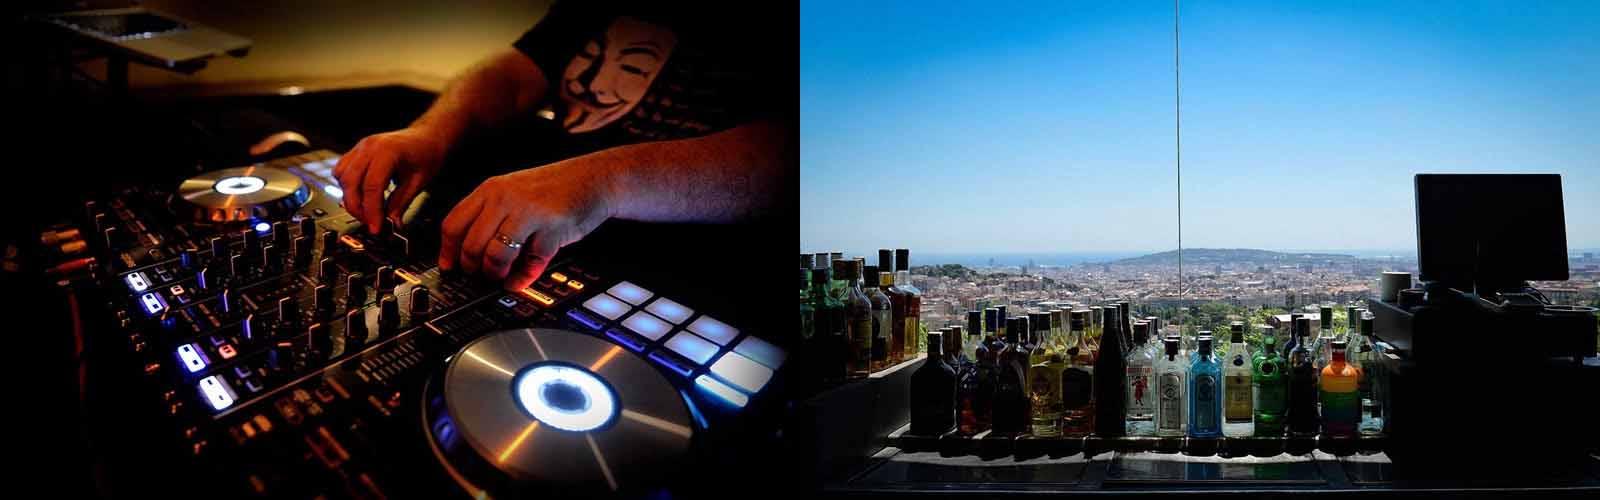 Geniet van het prachtige uitzicht op Barcelona bij Nachtclub Mirablau